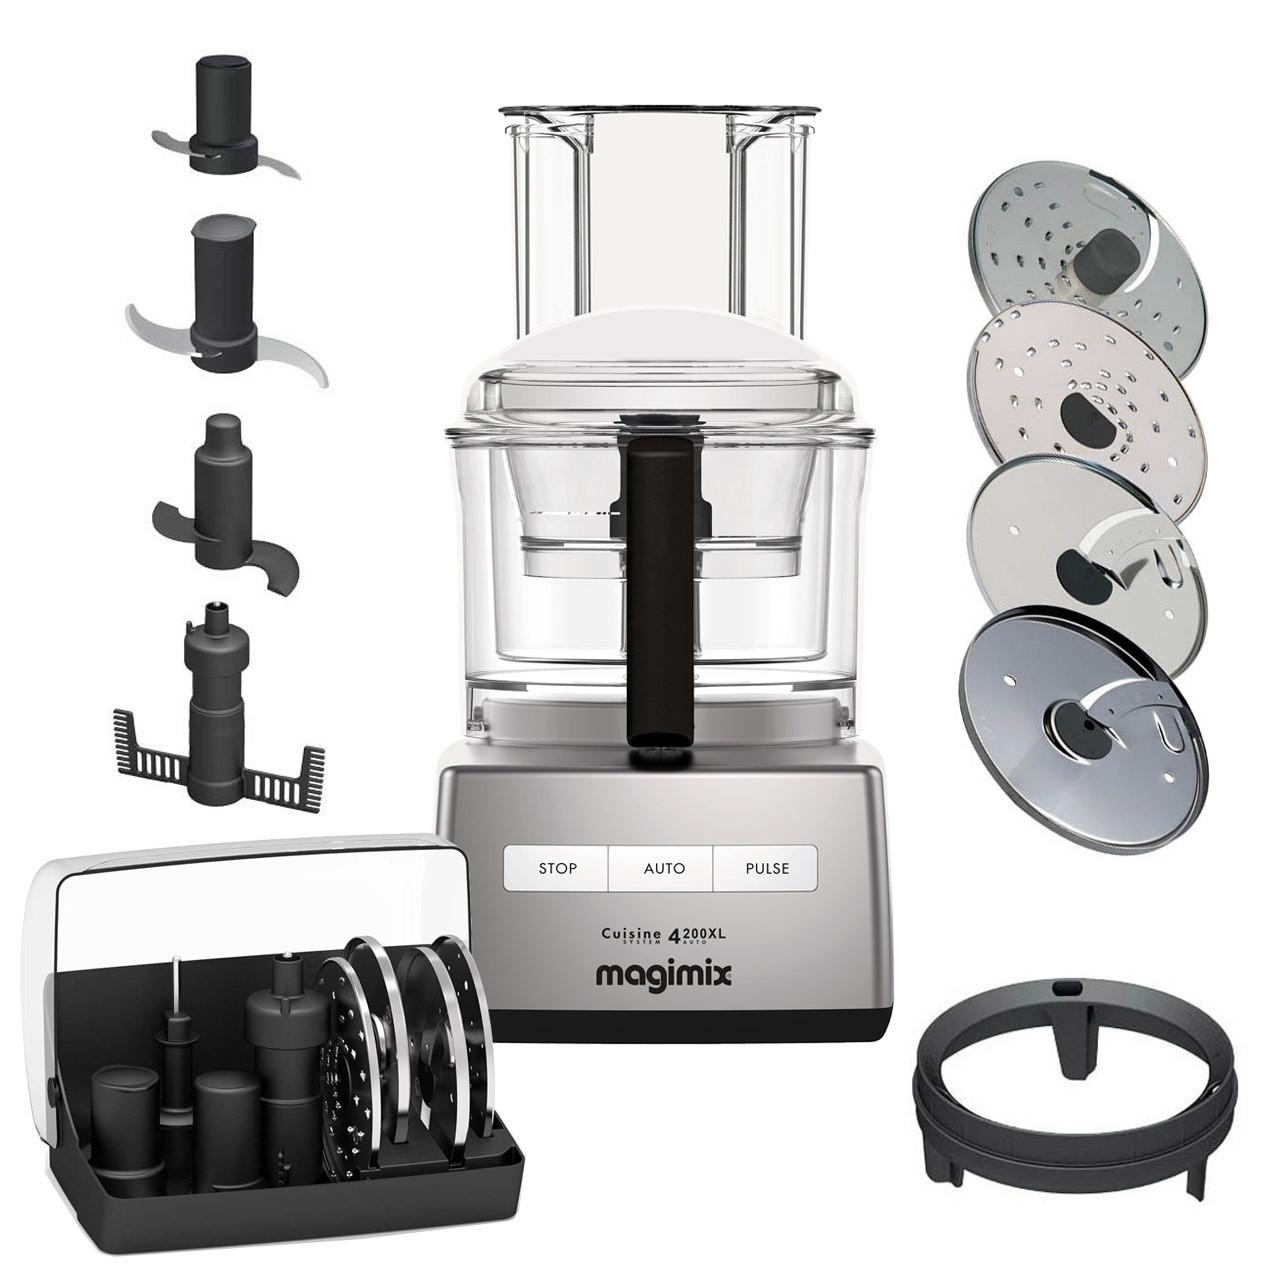 Magimix Küchenmaschine Cuisine Système 4200XL